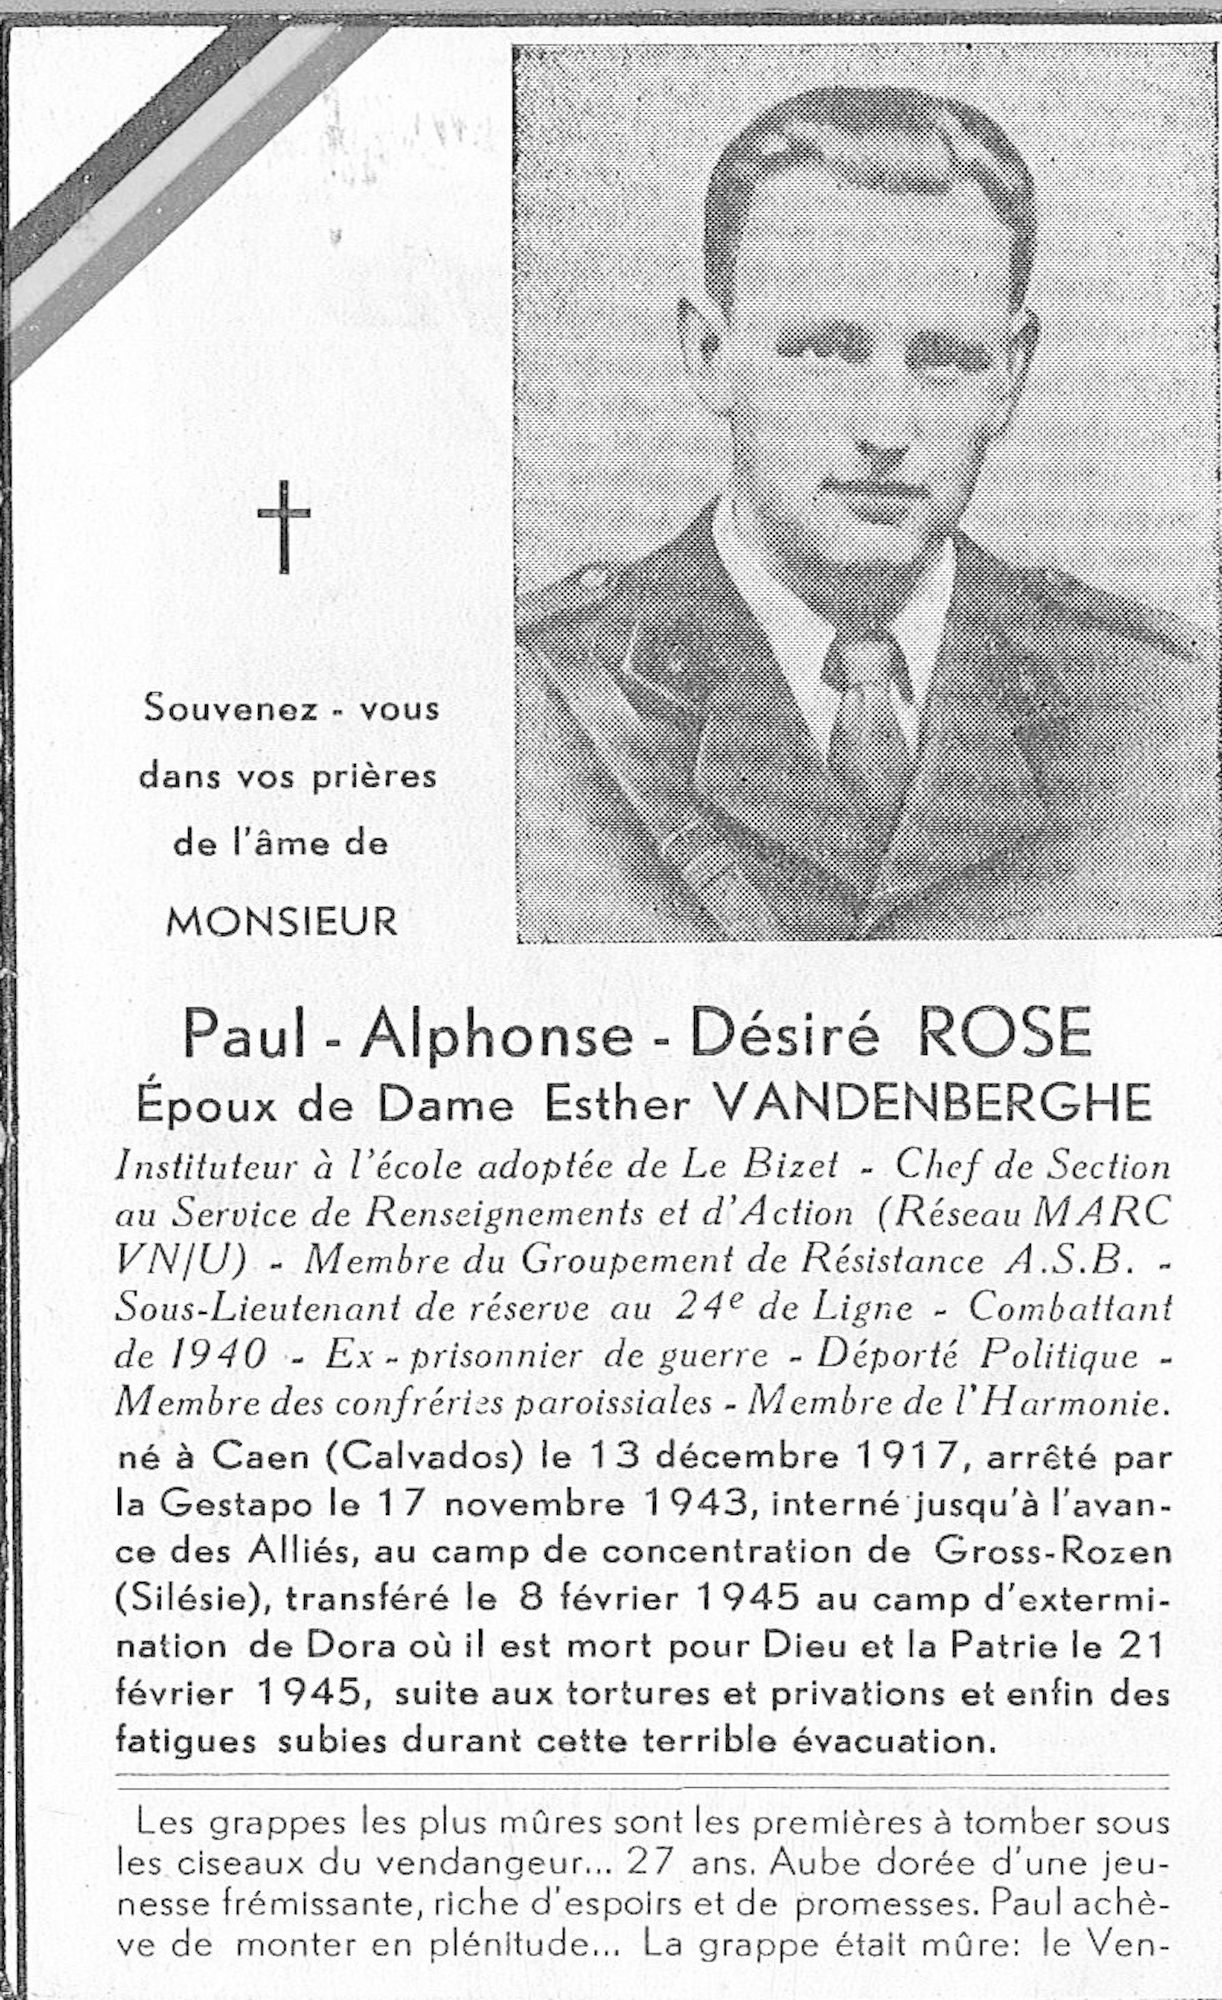 Paul-Alphonse-Désiré Rose